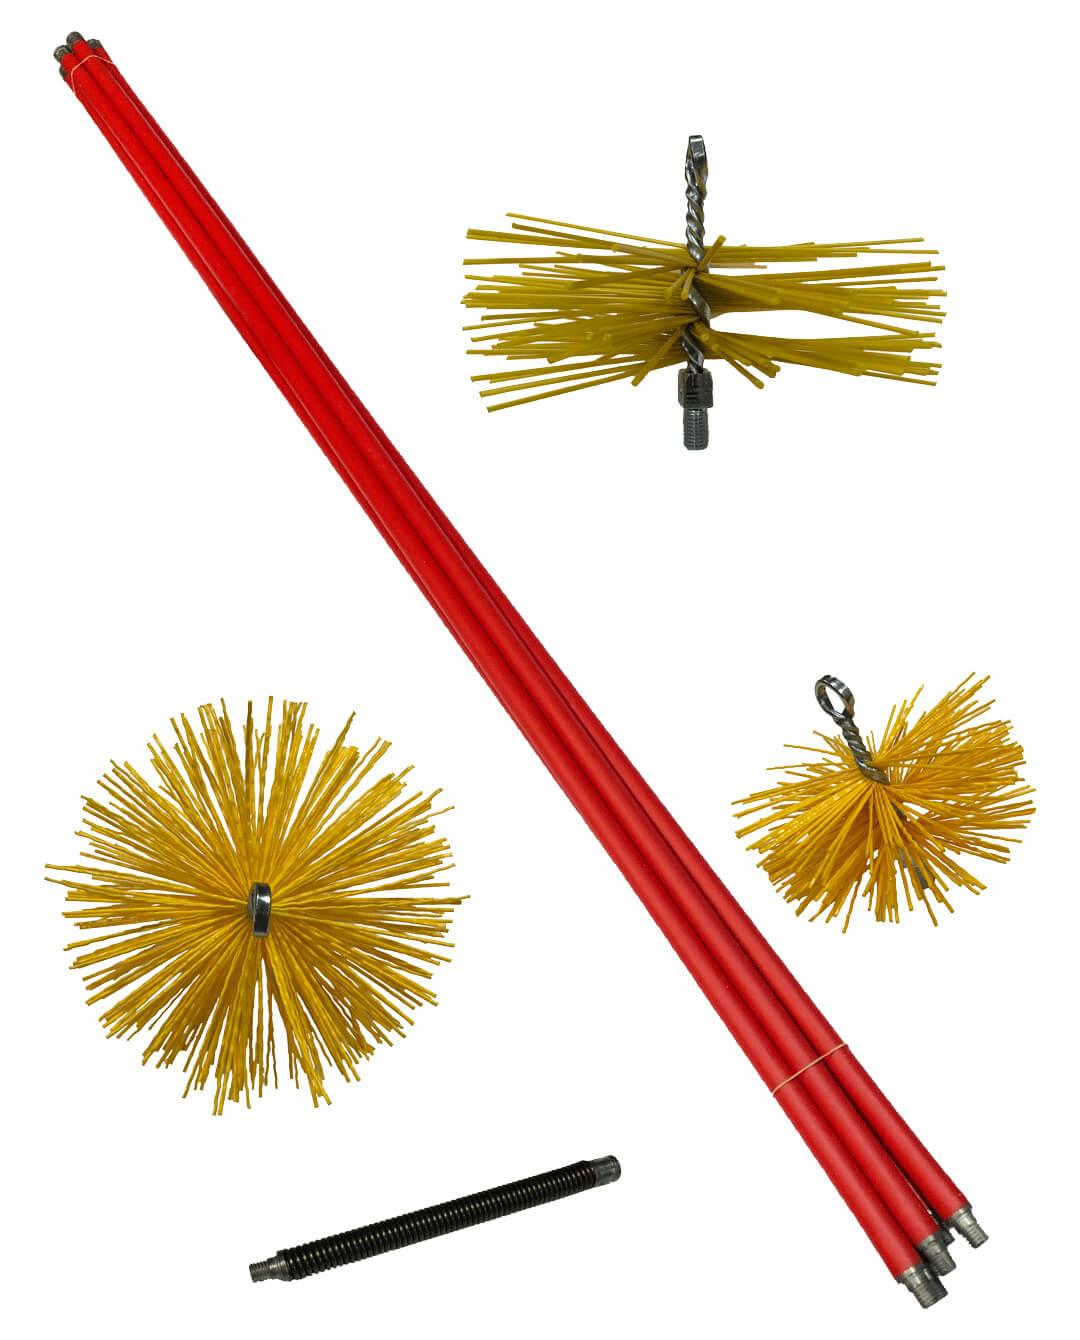 stokkenvegerset SV serie rood met nylon borstels